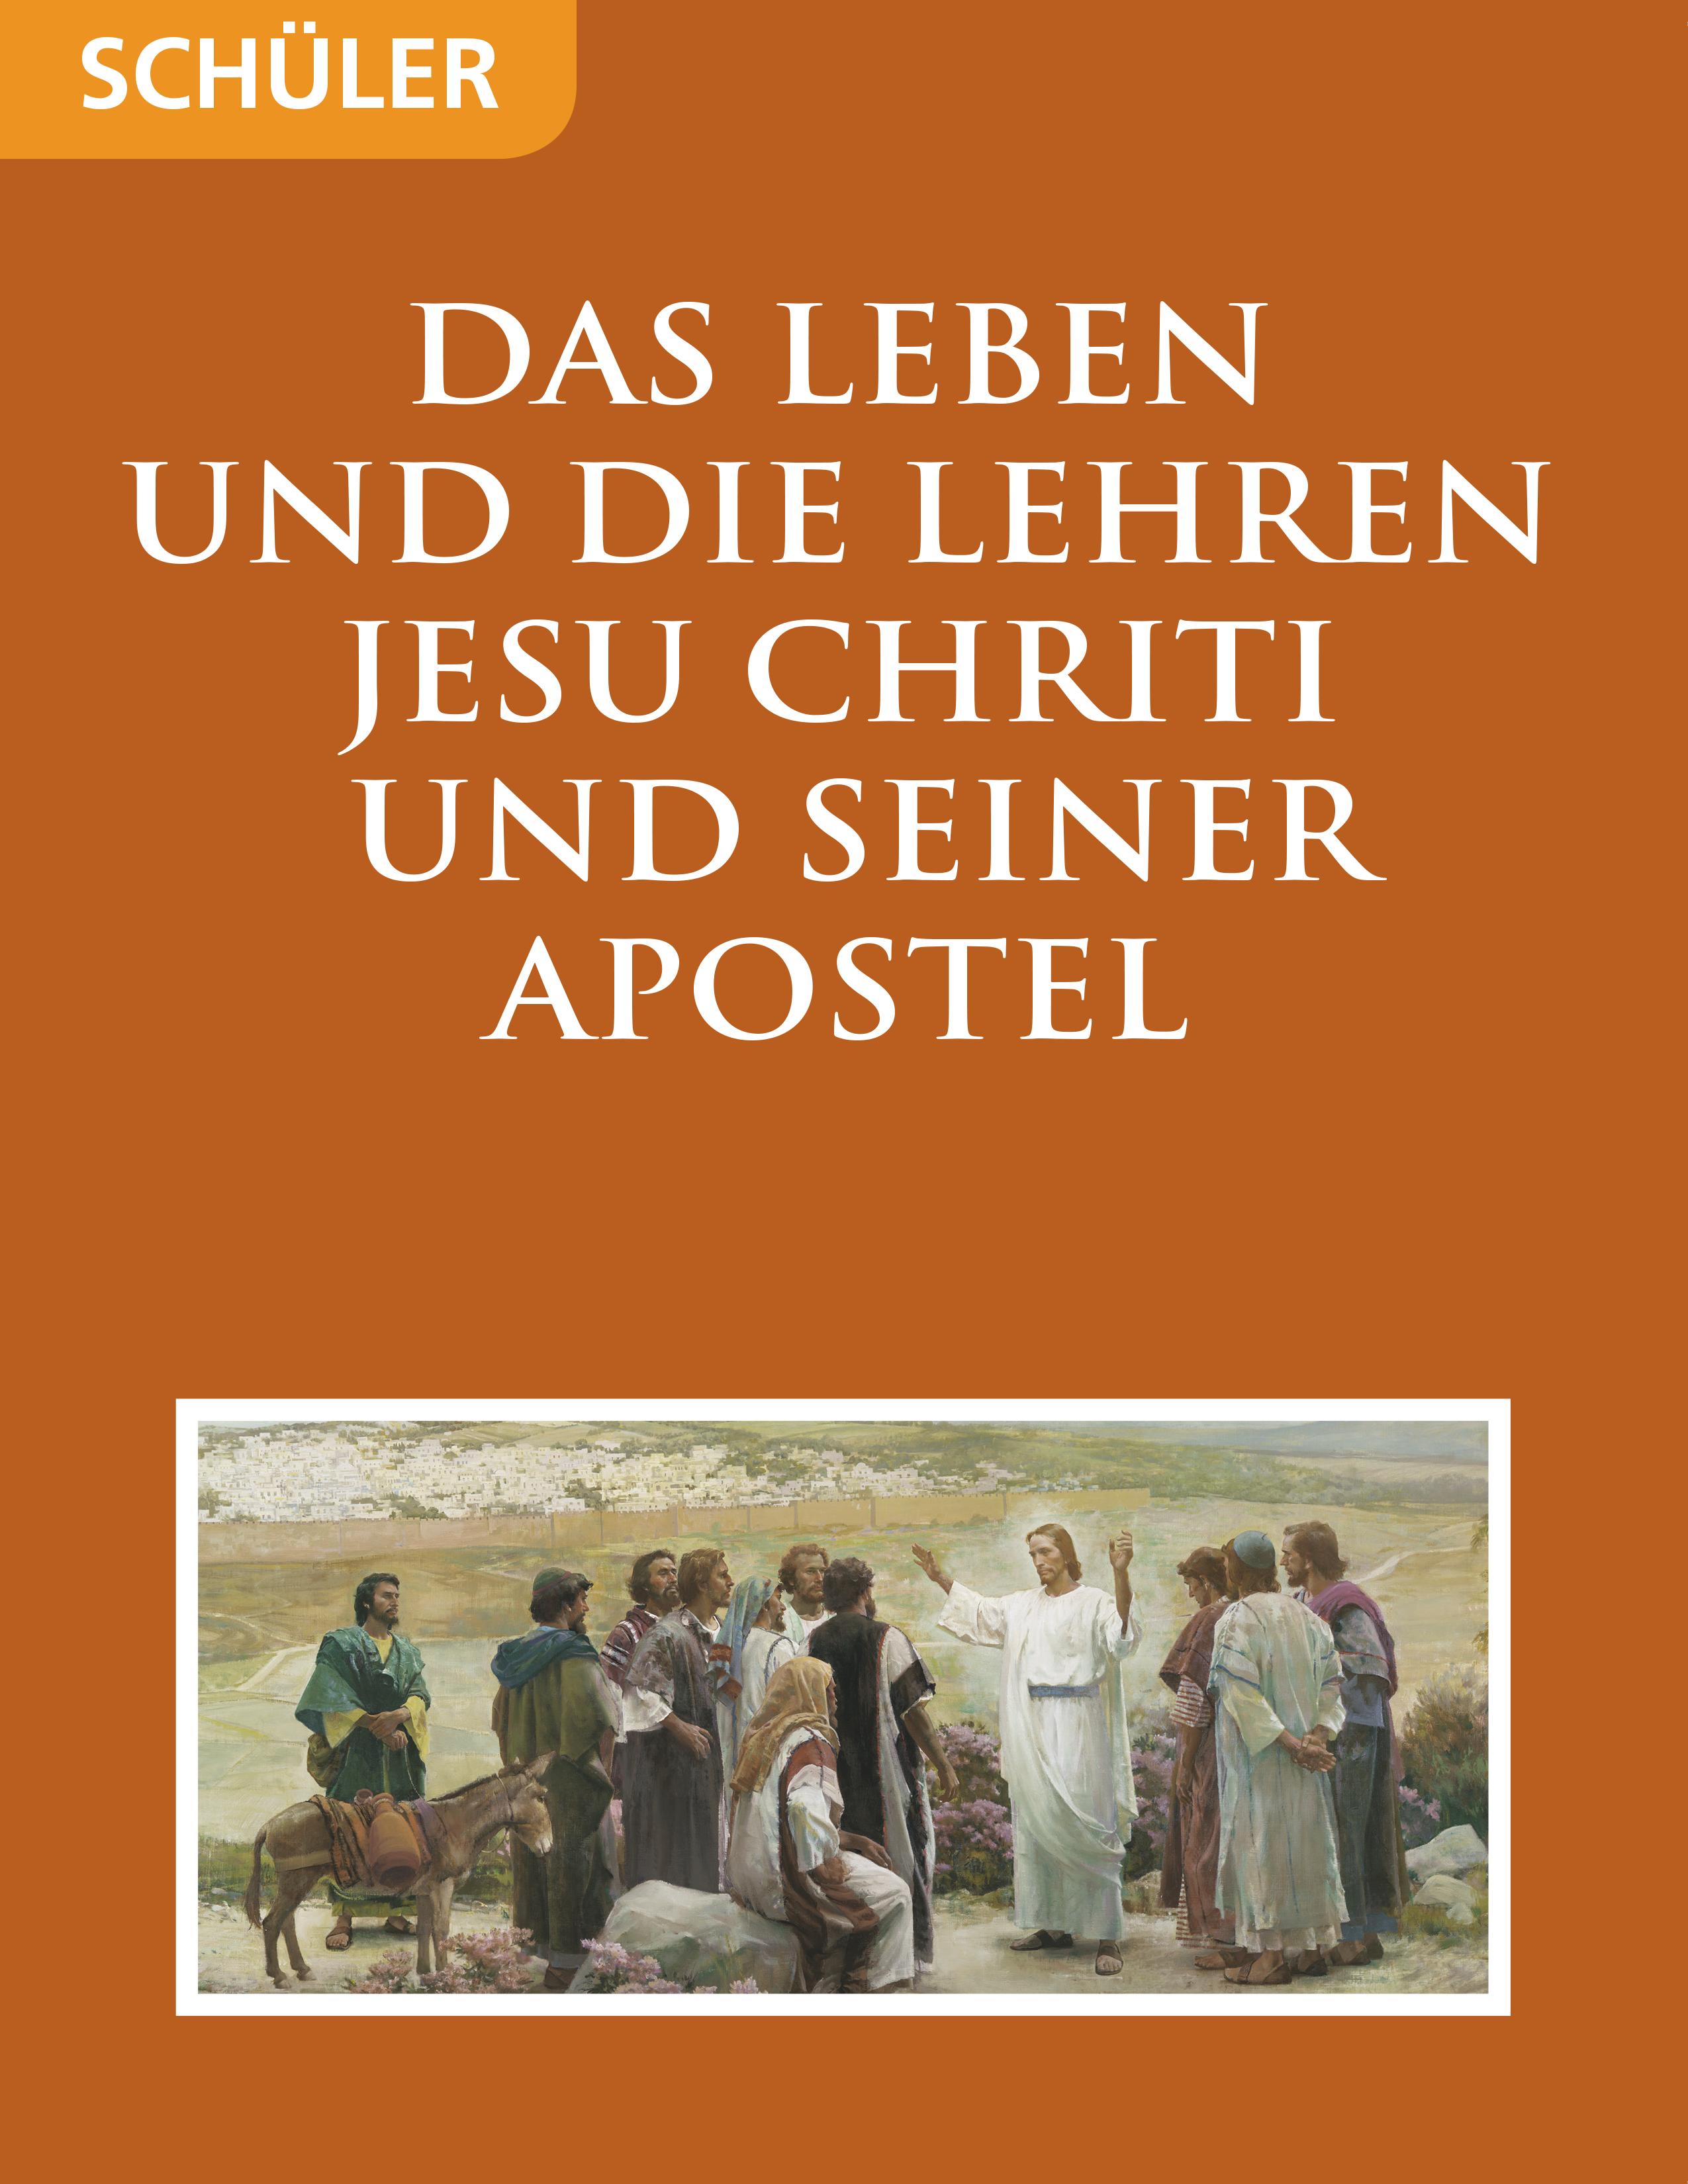 Das Leben und die Lehren Jesu Christi und seiner Apostel– Leitfaden für den Teilnehmer